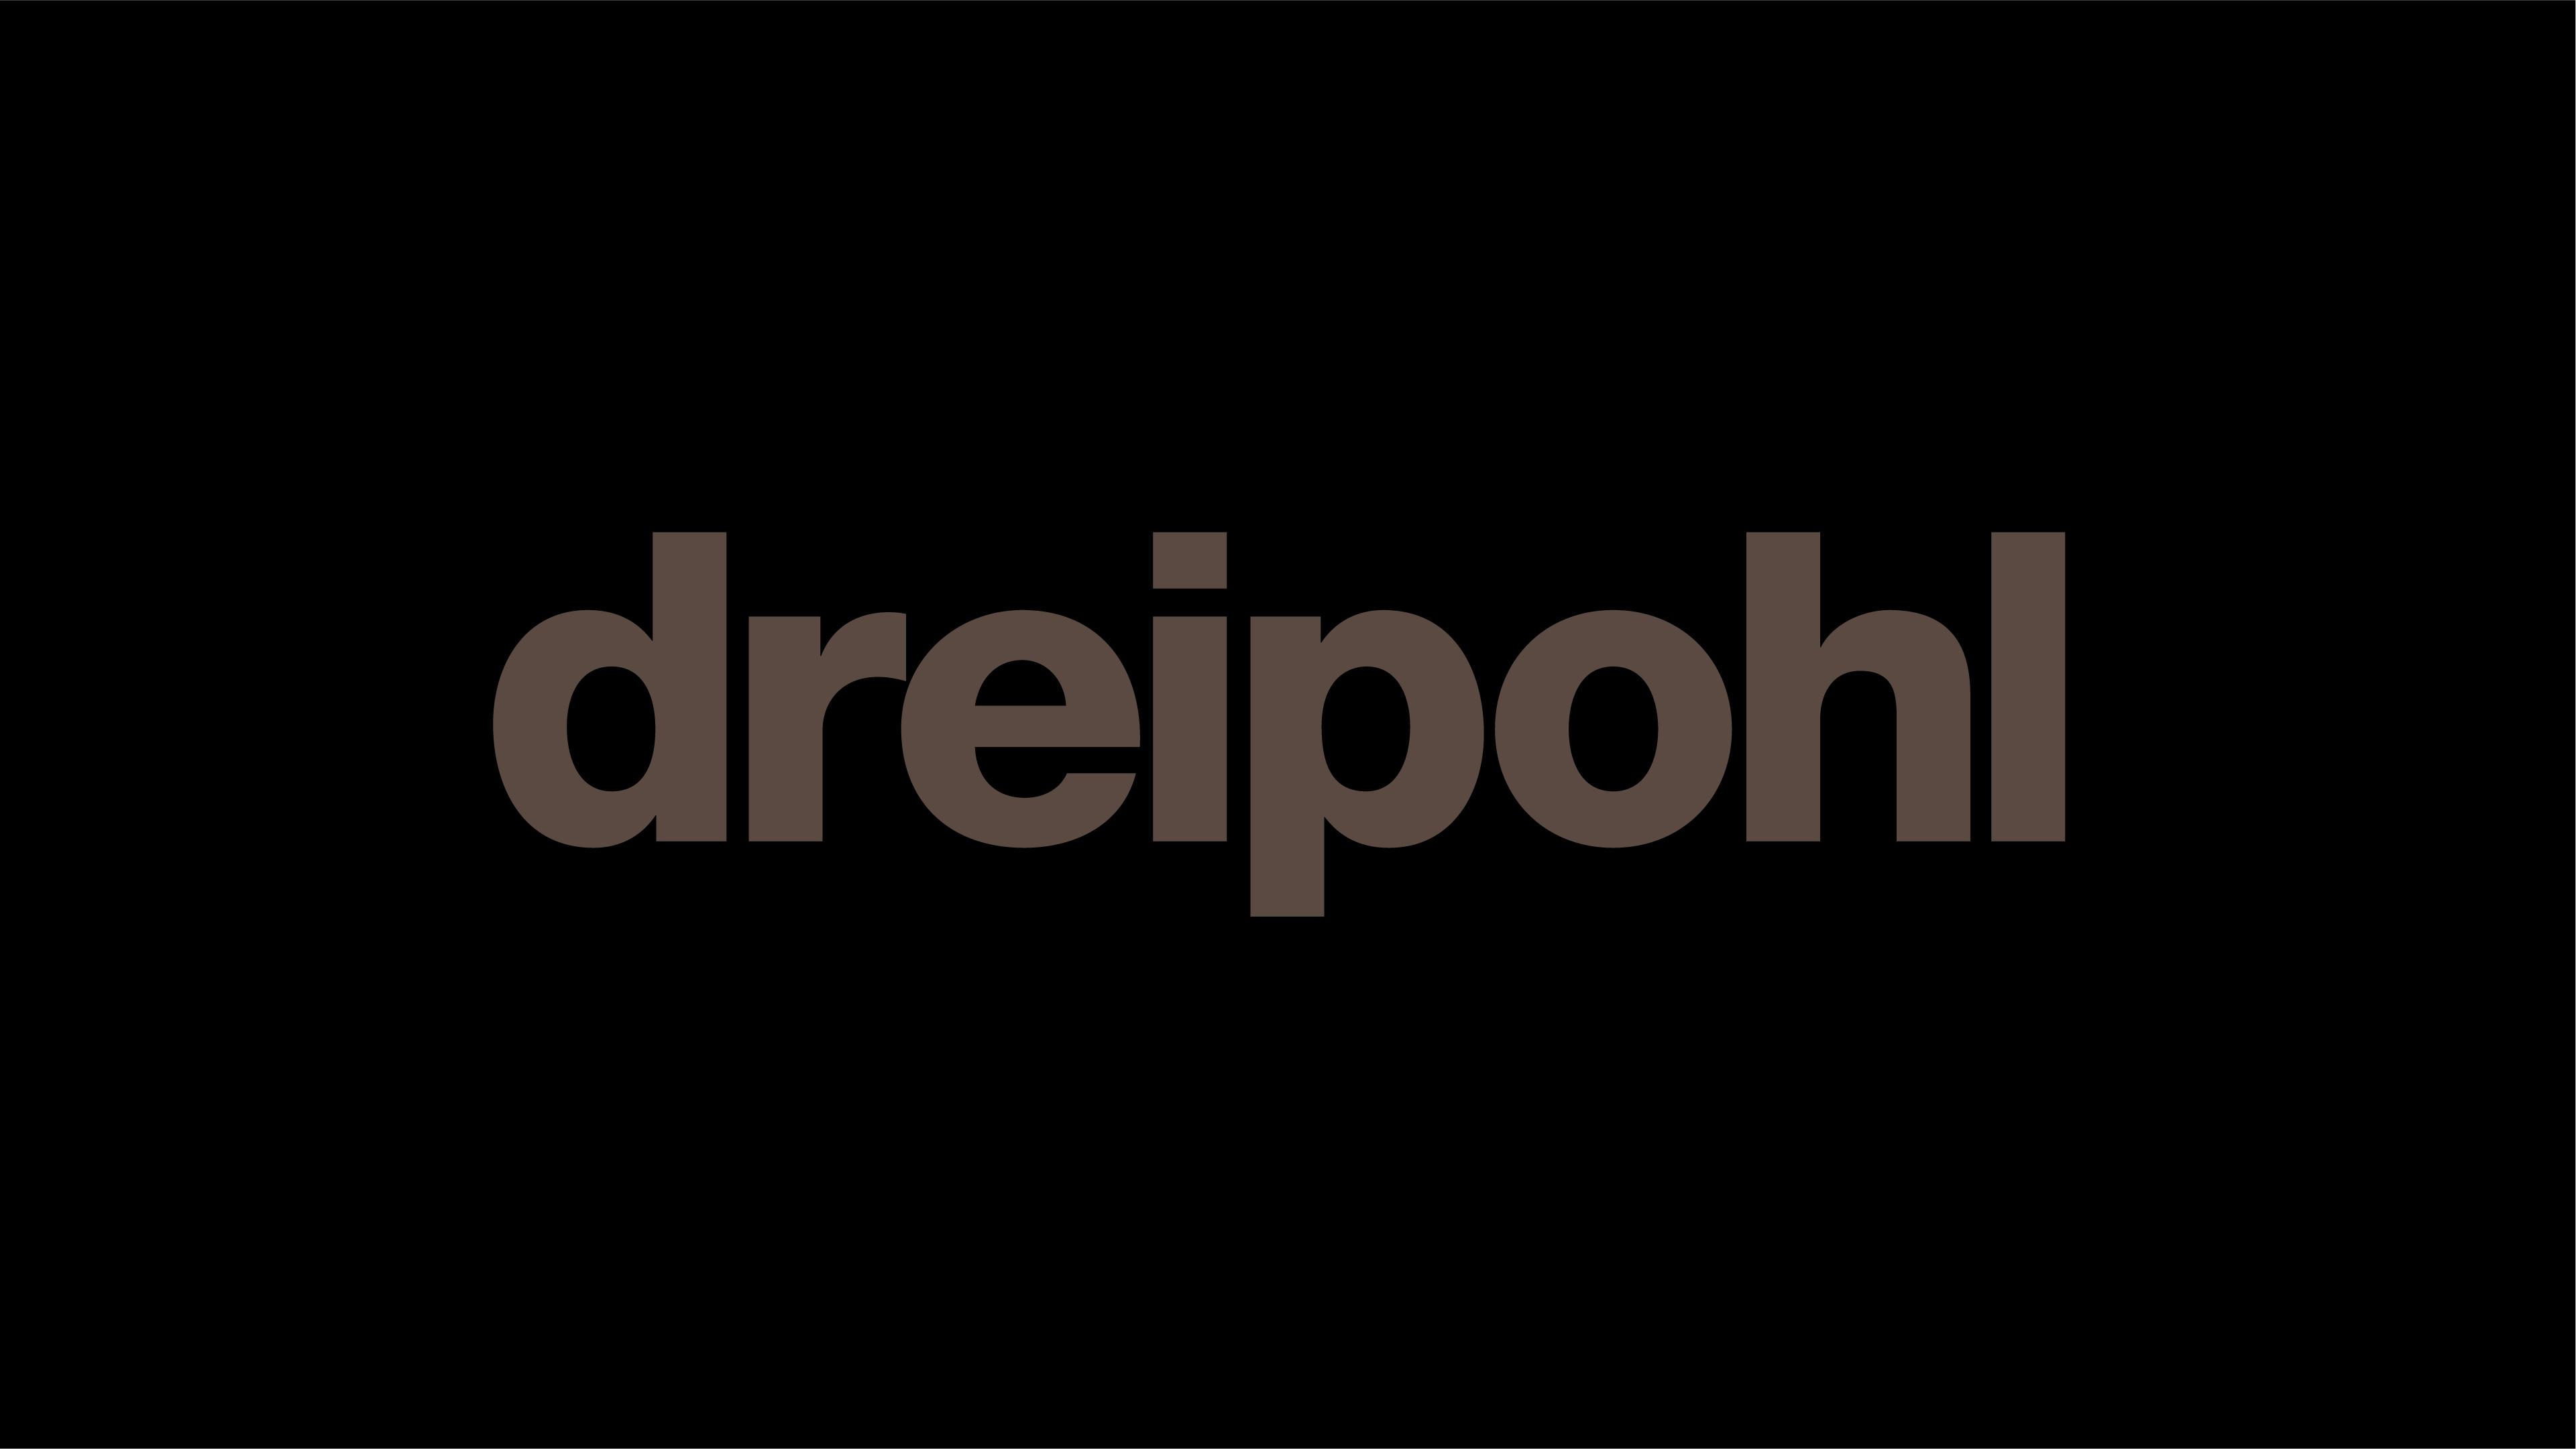 Dreipohl Möbel, Brand Design, Michael Frei, Zurich